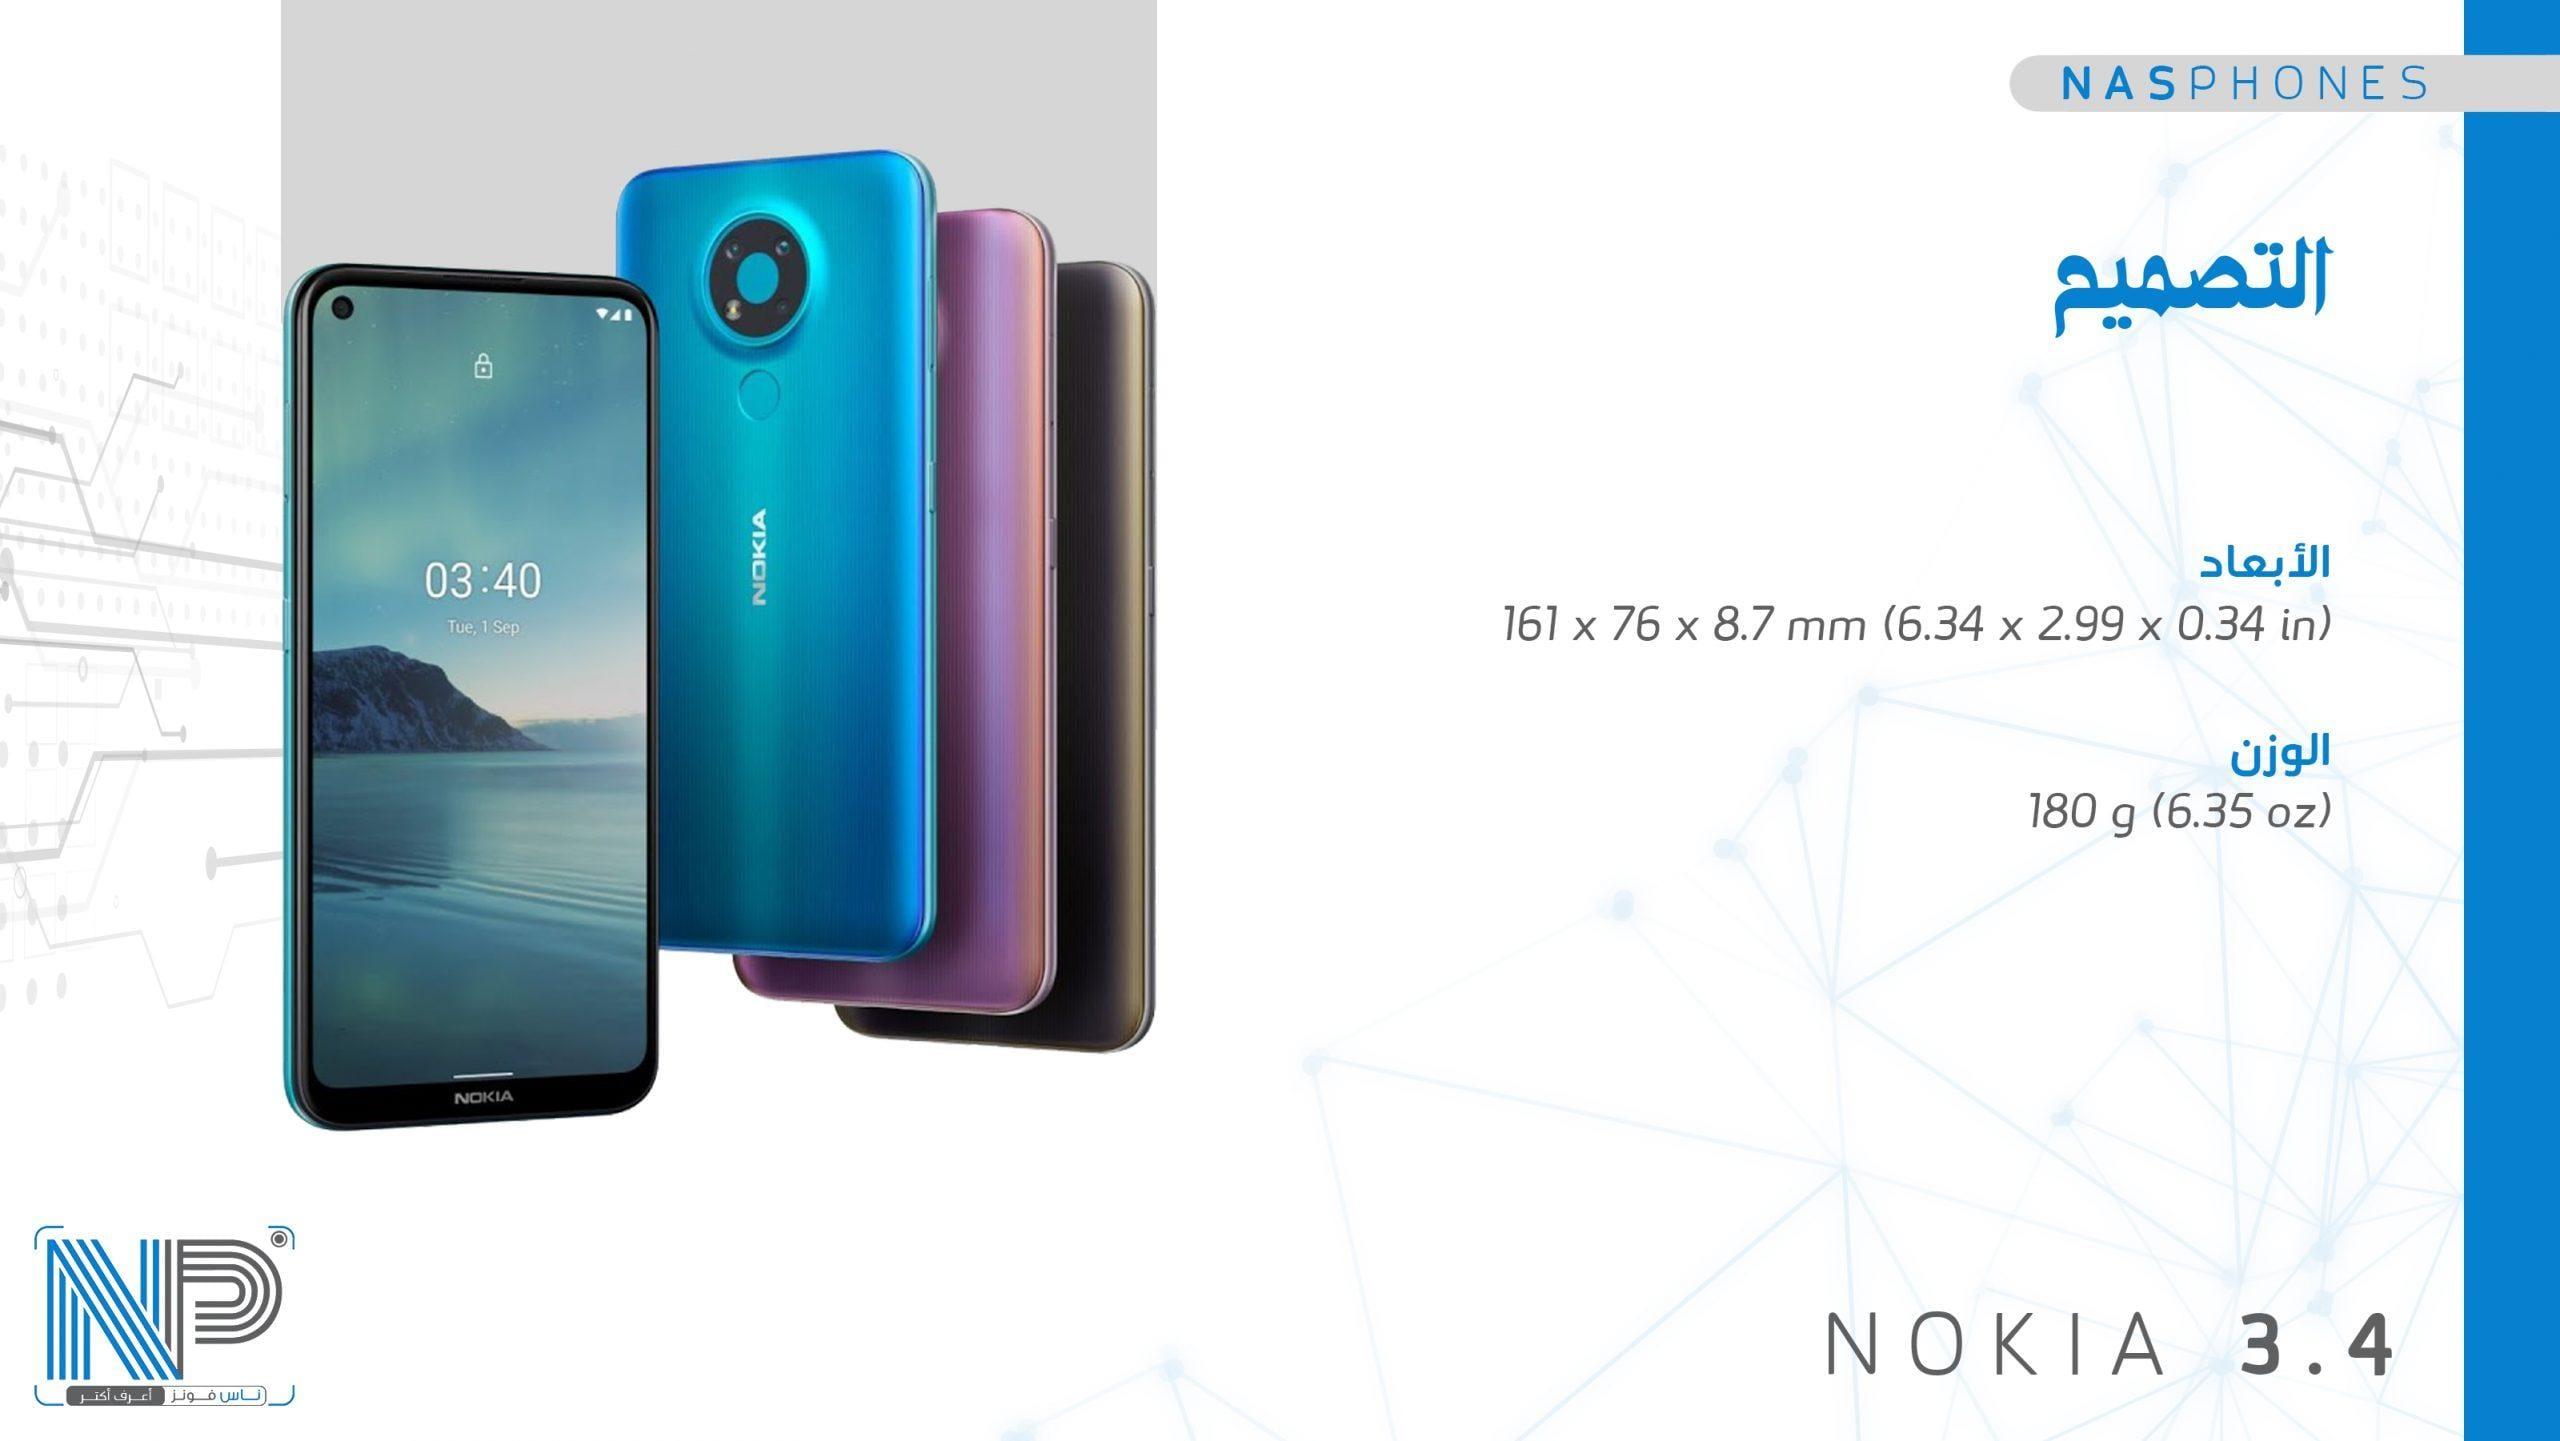 تصميم موبايل Nokia 3.4